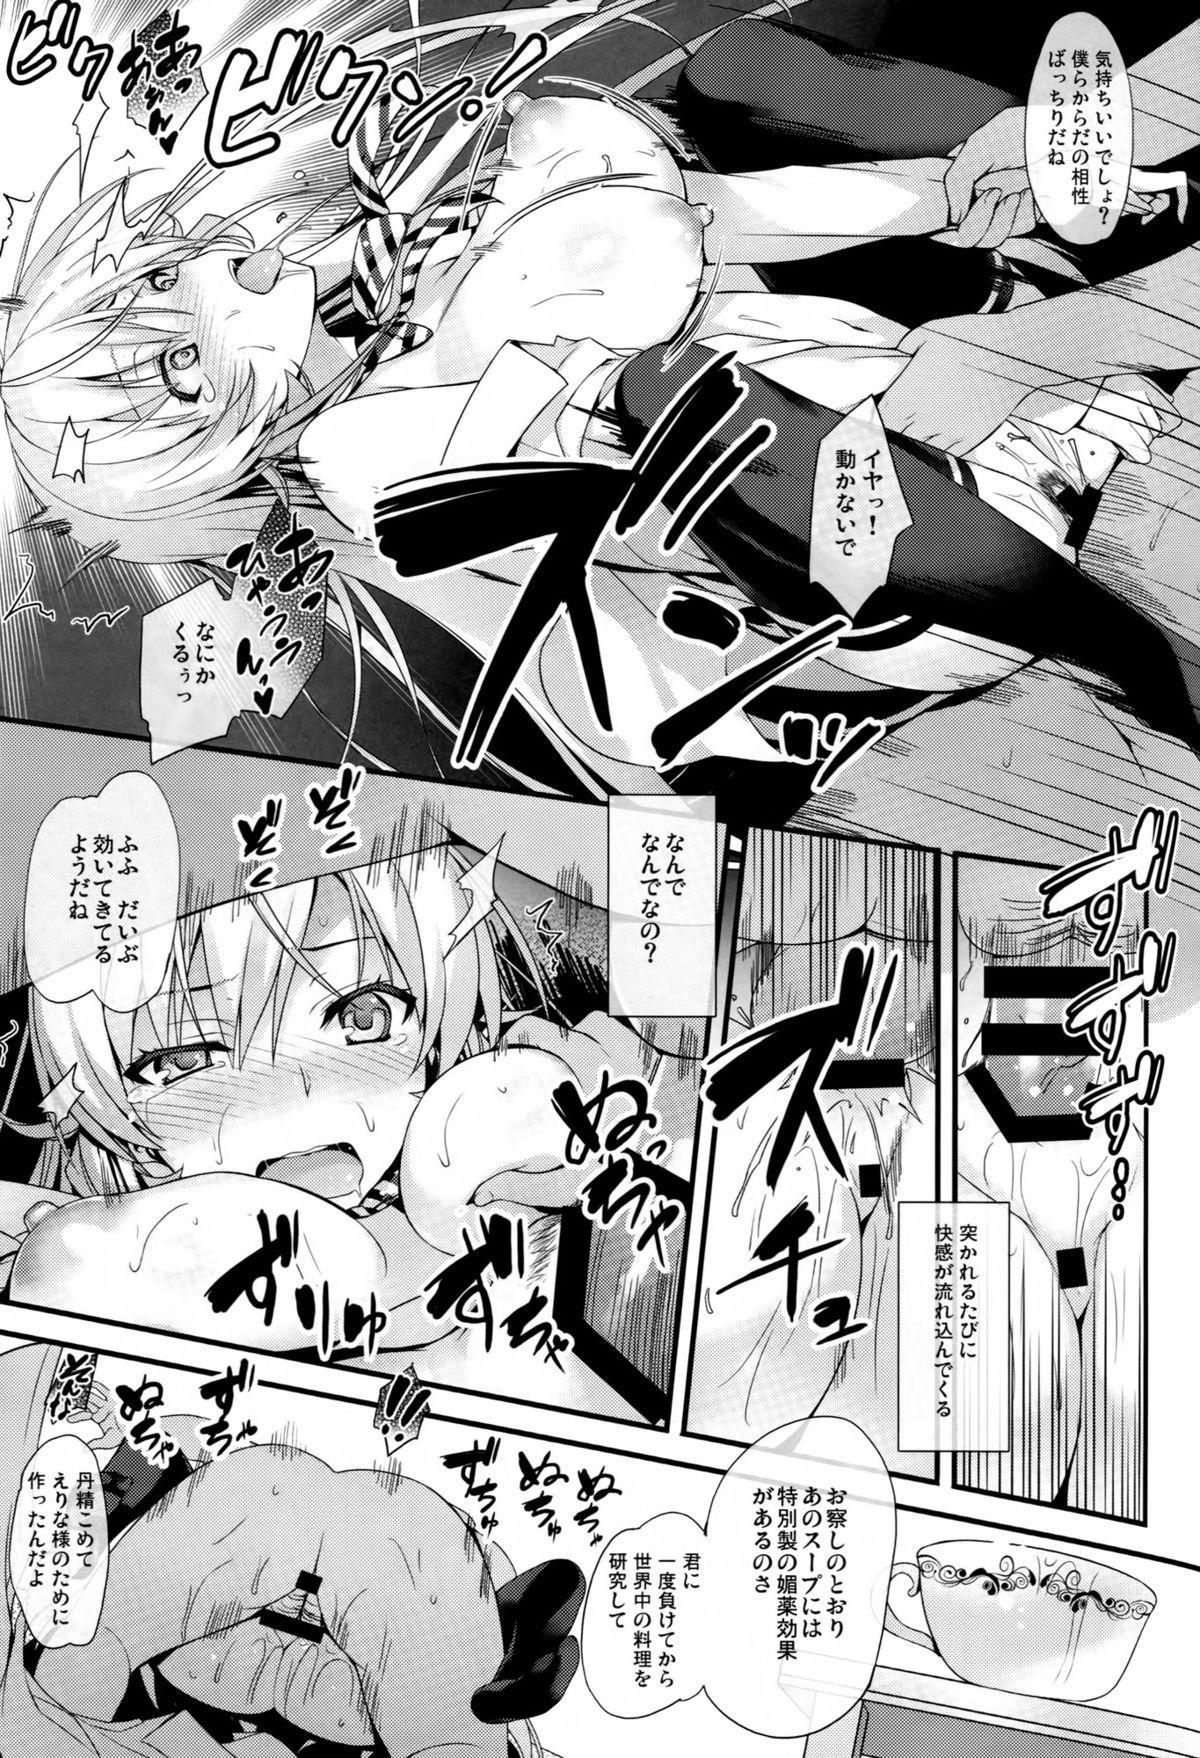 Erina-sama to Choushoku o 11